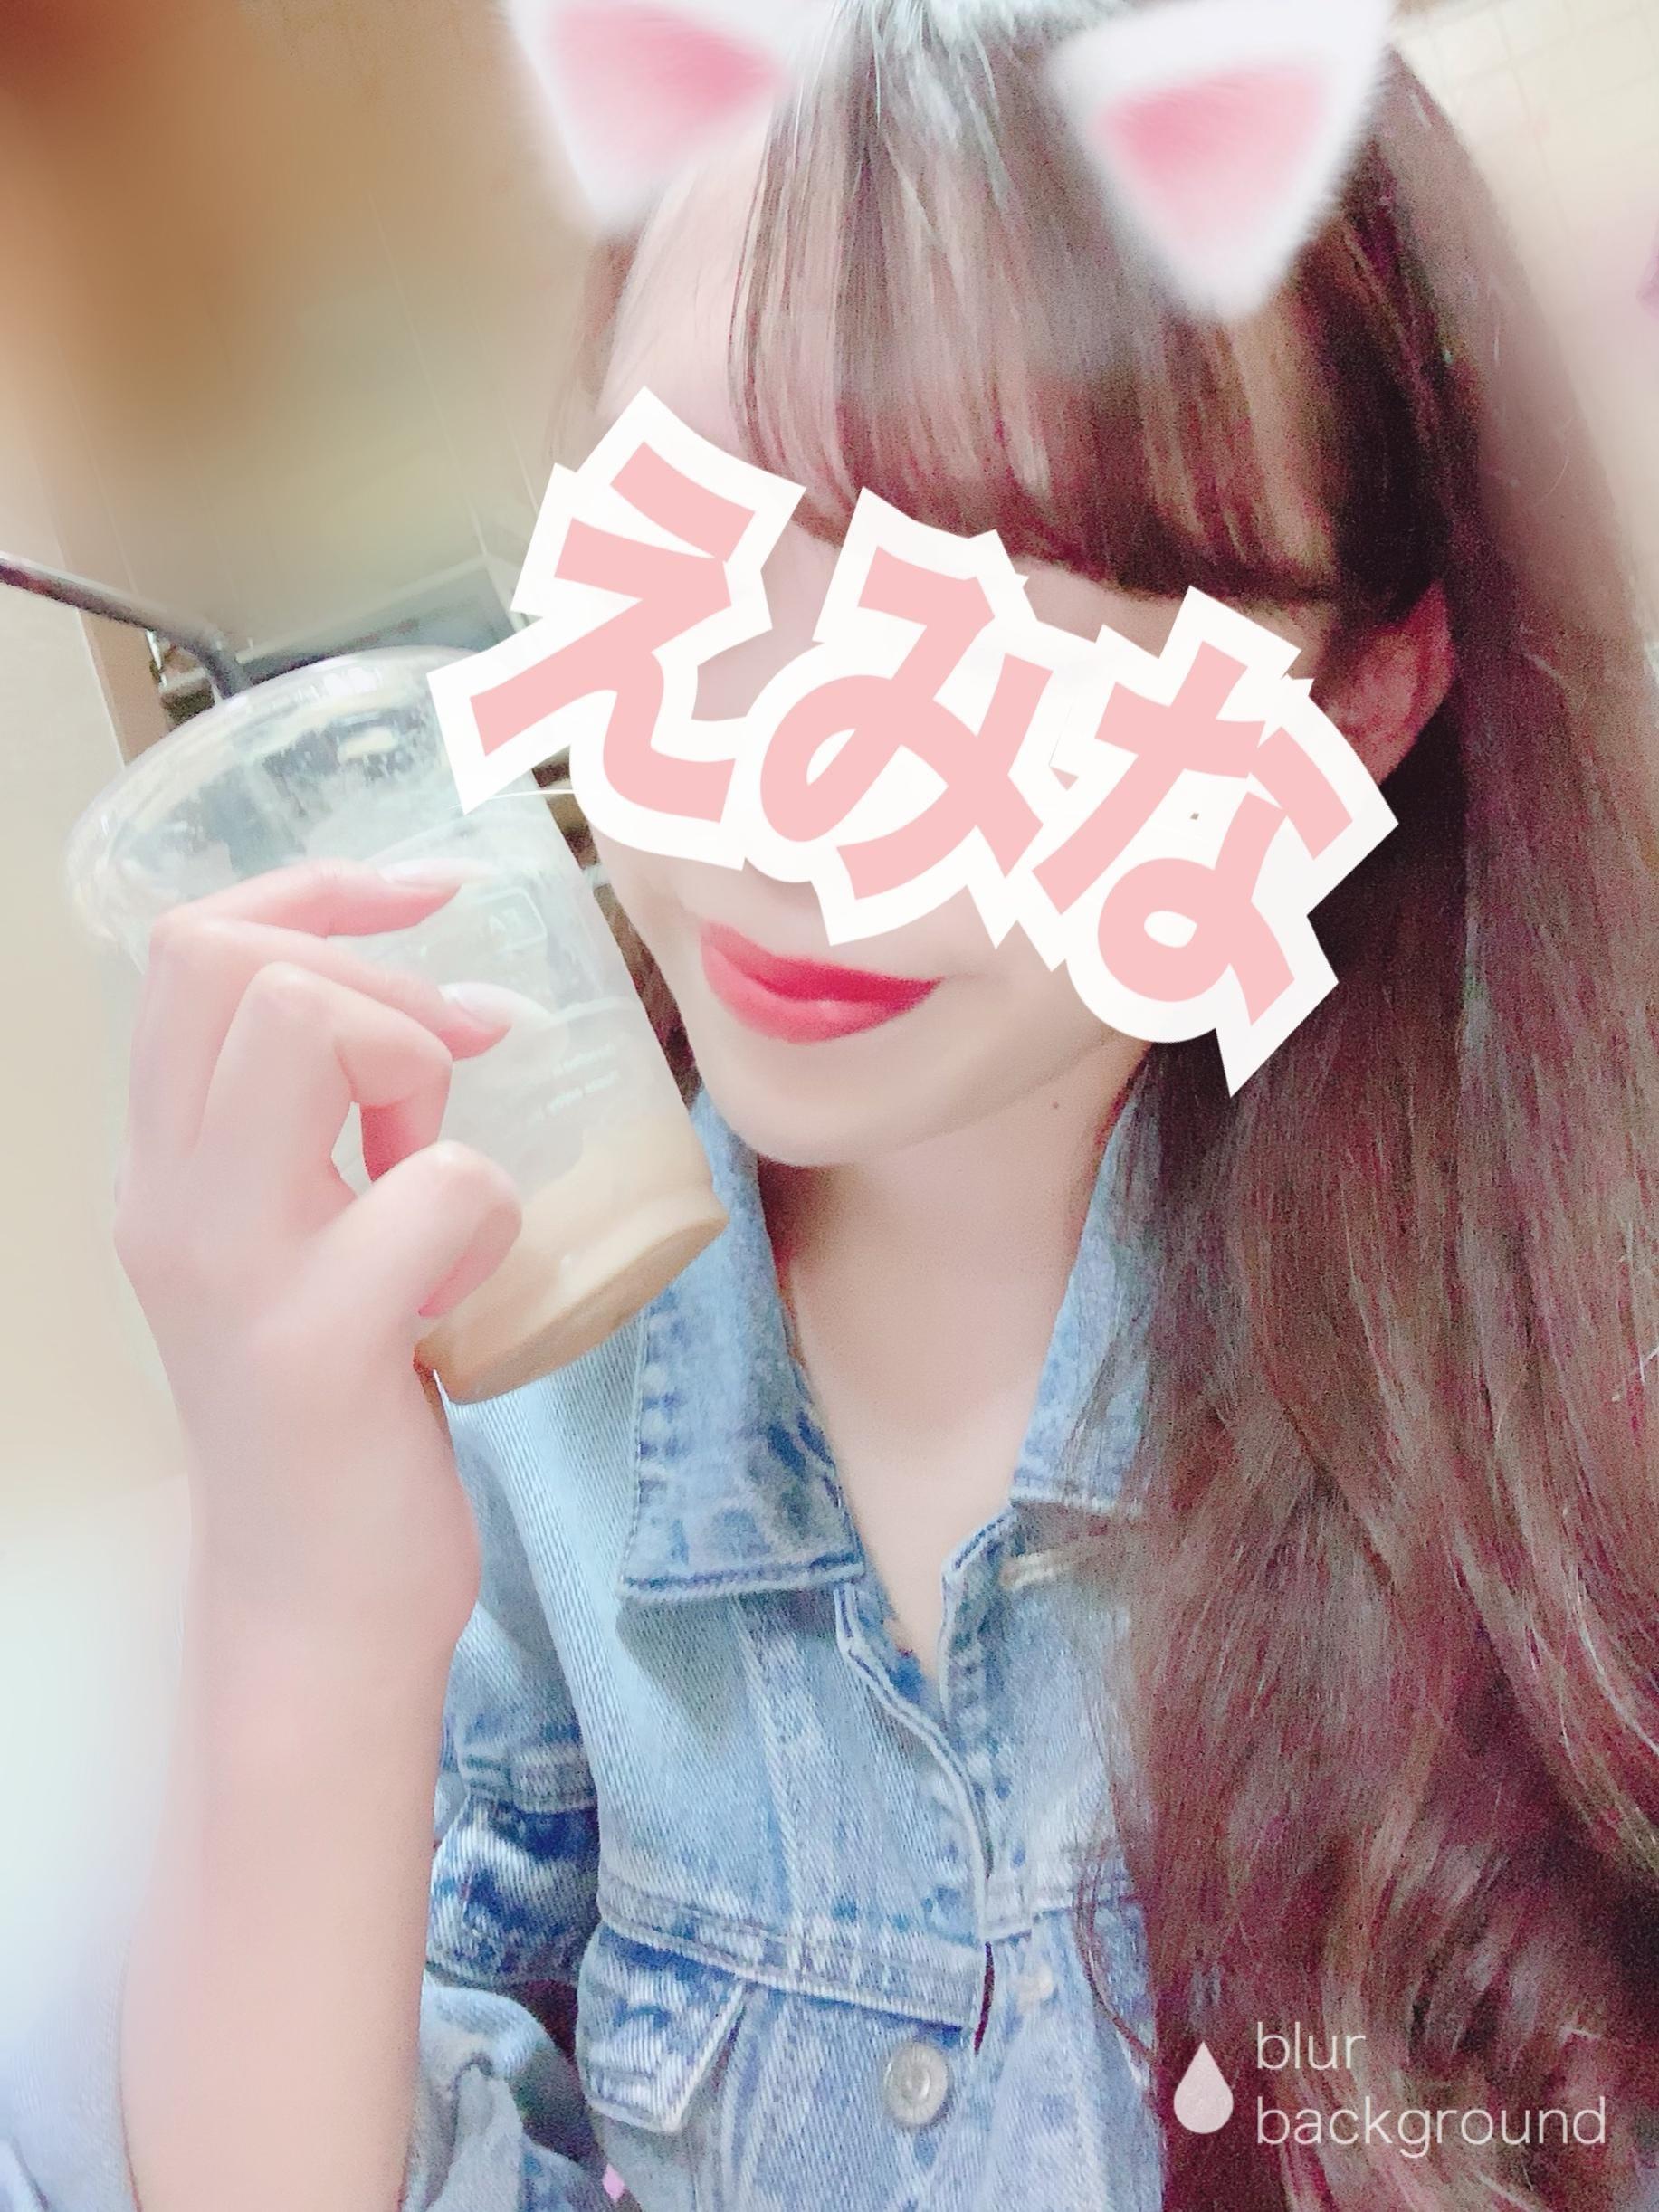 「おはよー」04/23(火) 12:46 | えみなの写メ・風俗動画